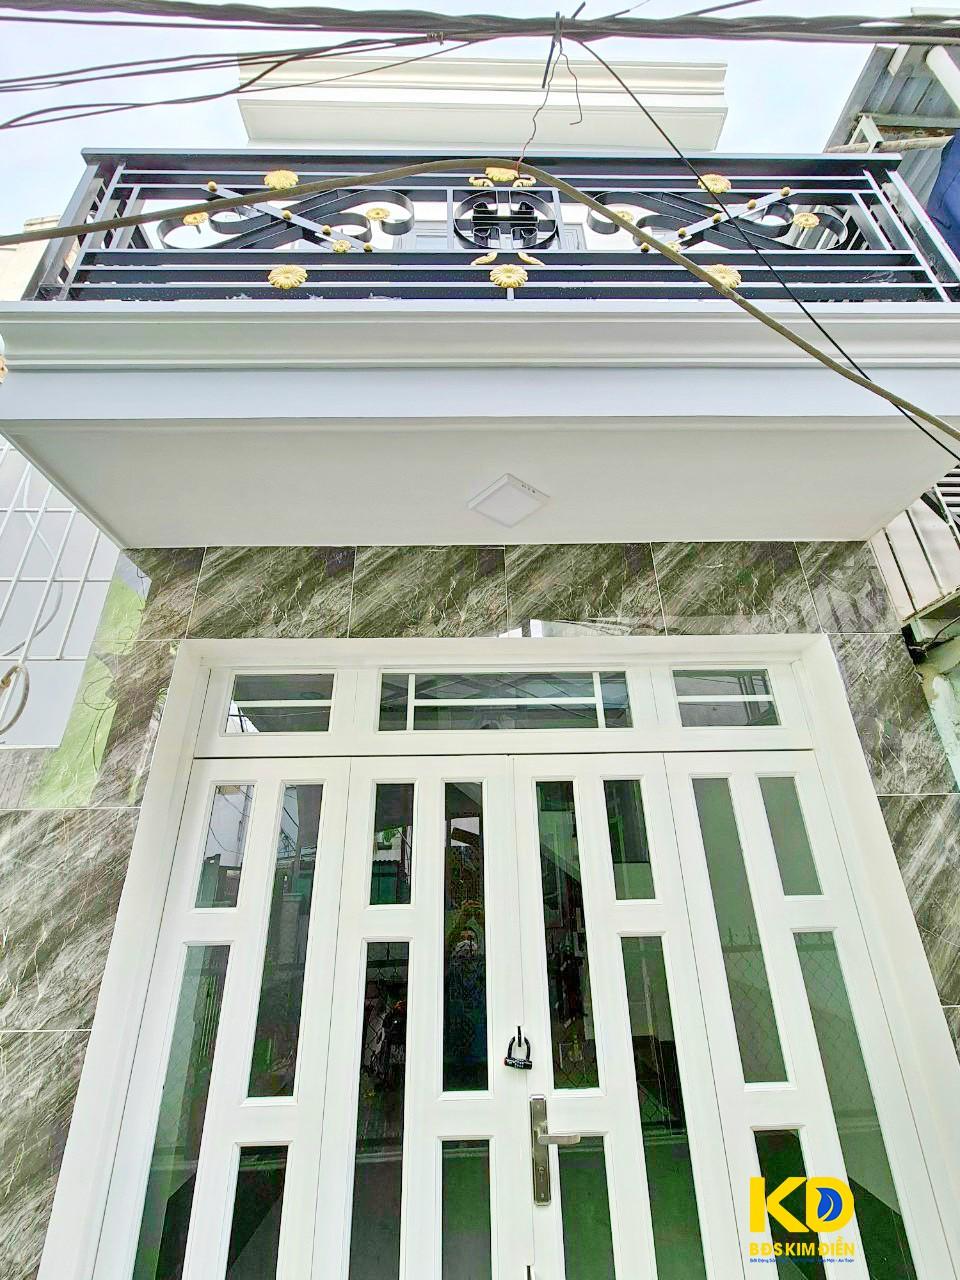 Bán nhà mới đẹp hẻm 3m 1942 đường Huỳnh Tấn Phát thị trấn Nhà Bè